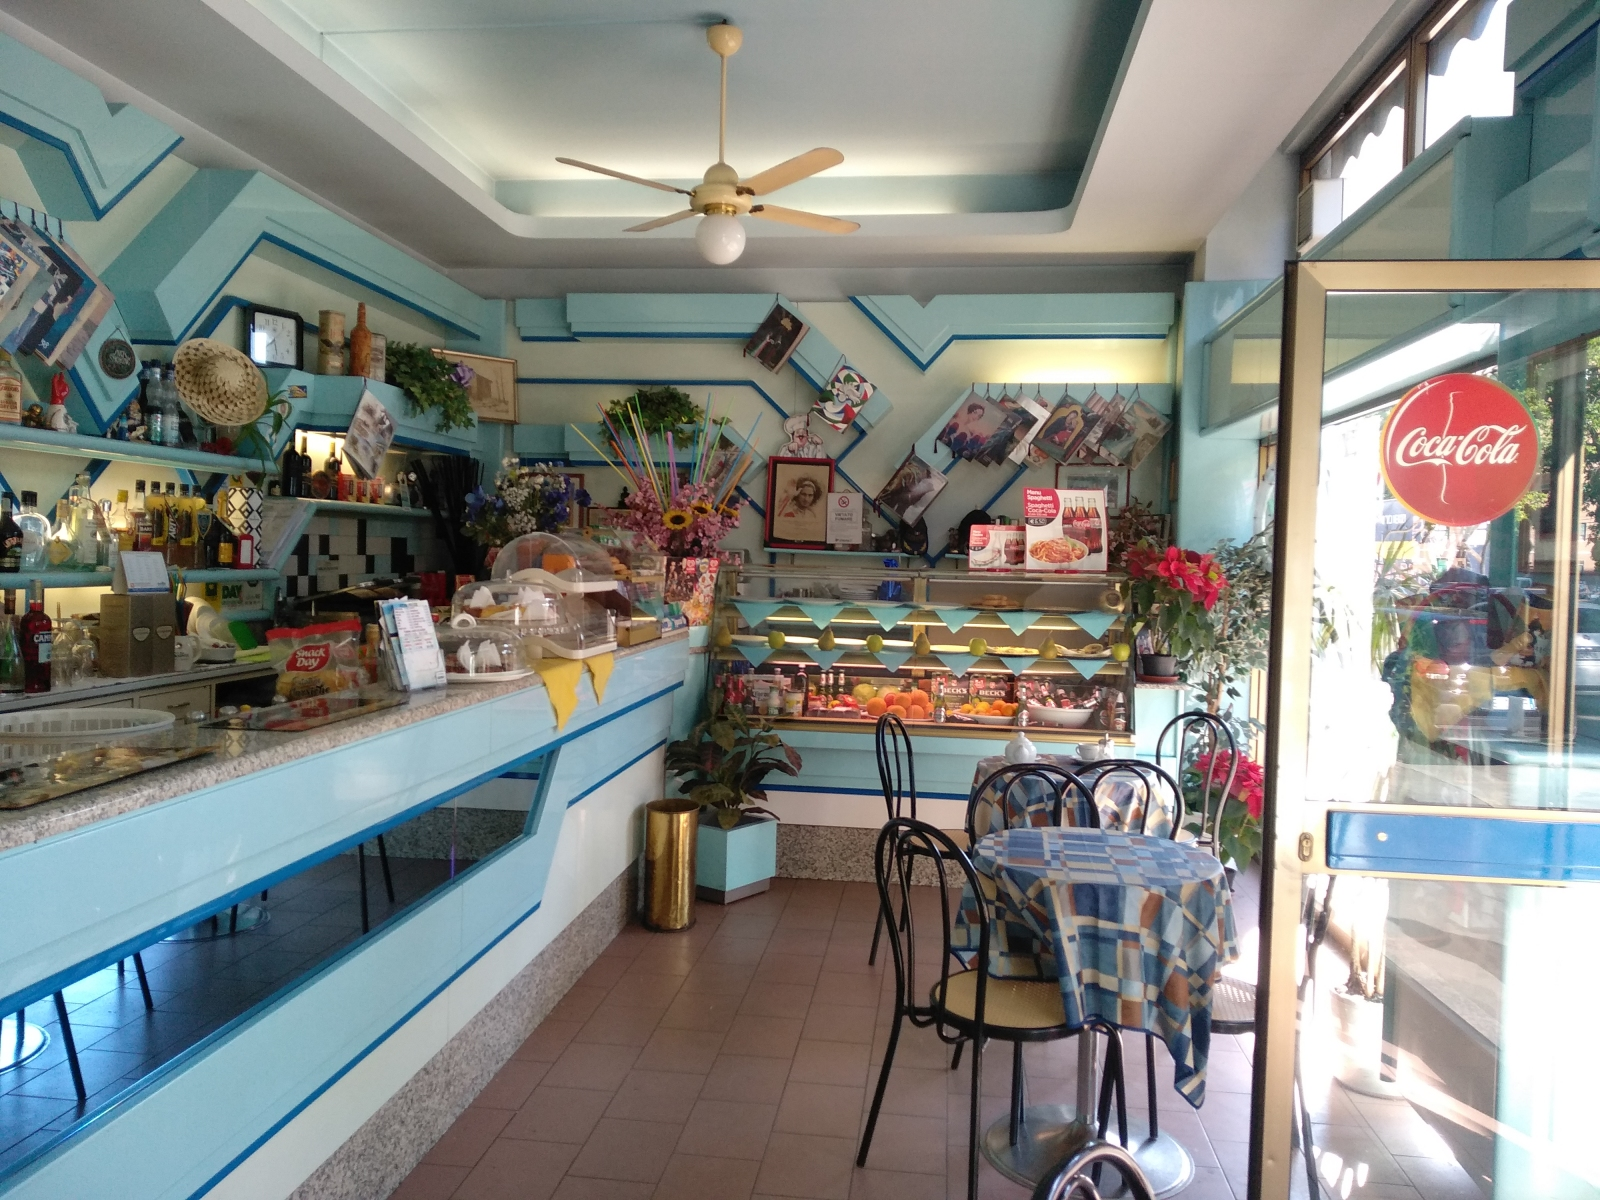 cedesi-attività-bar-piazza-bolivar-milano-spaziourbano-immobiliare-commerciale-11